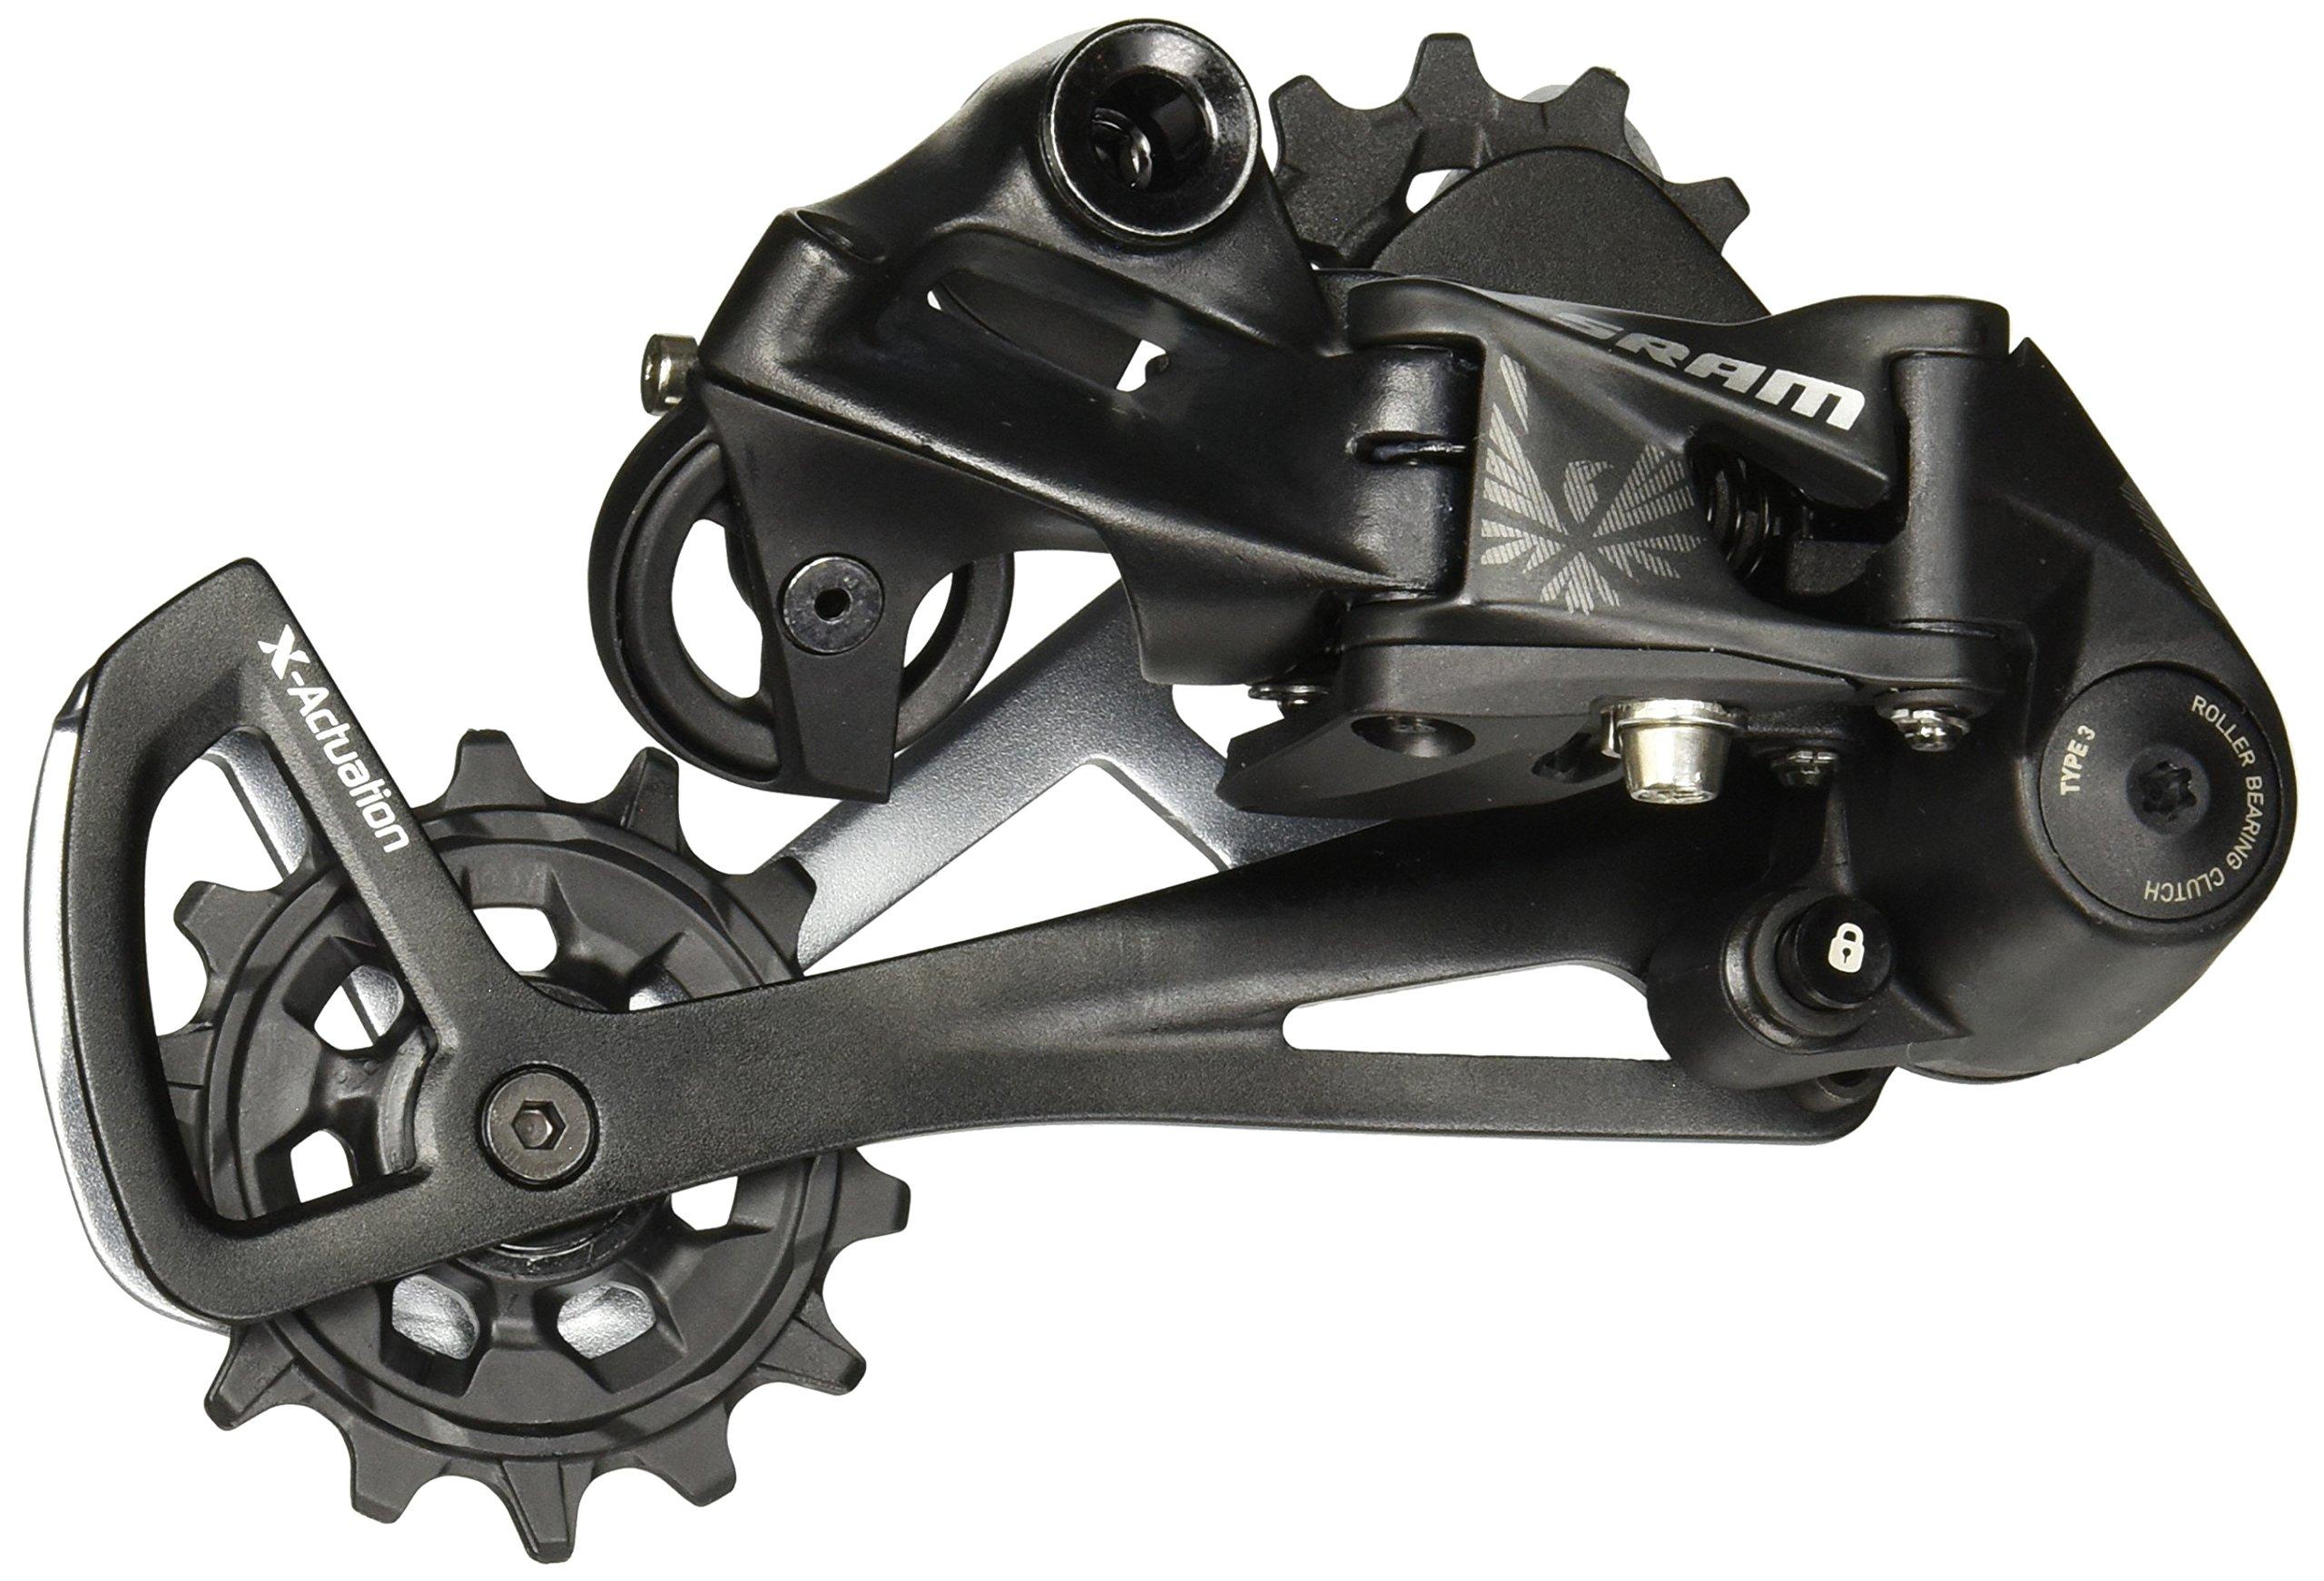 SRAM GX Eagle 12-Speed Rear Derailleur Black, One Size by SRAM